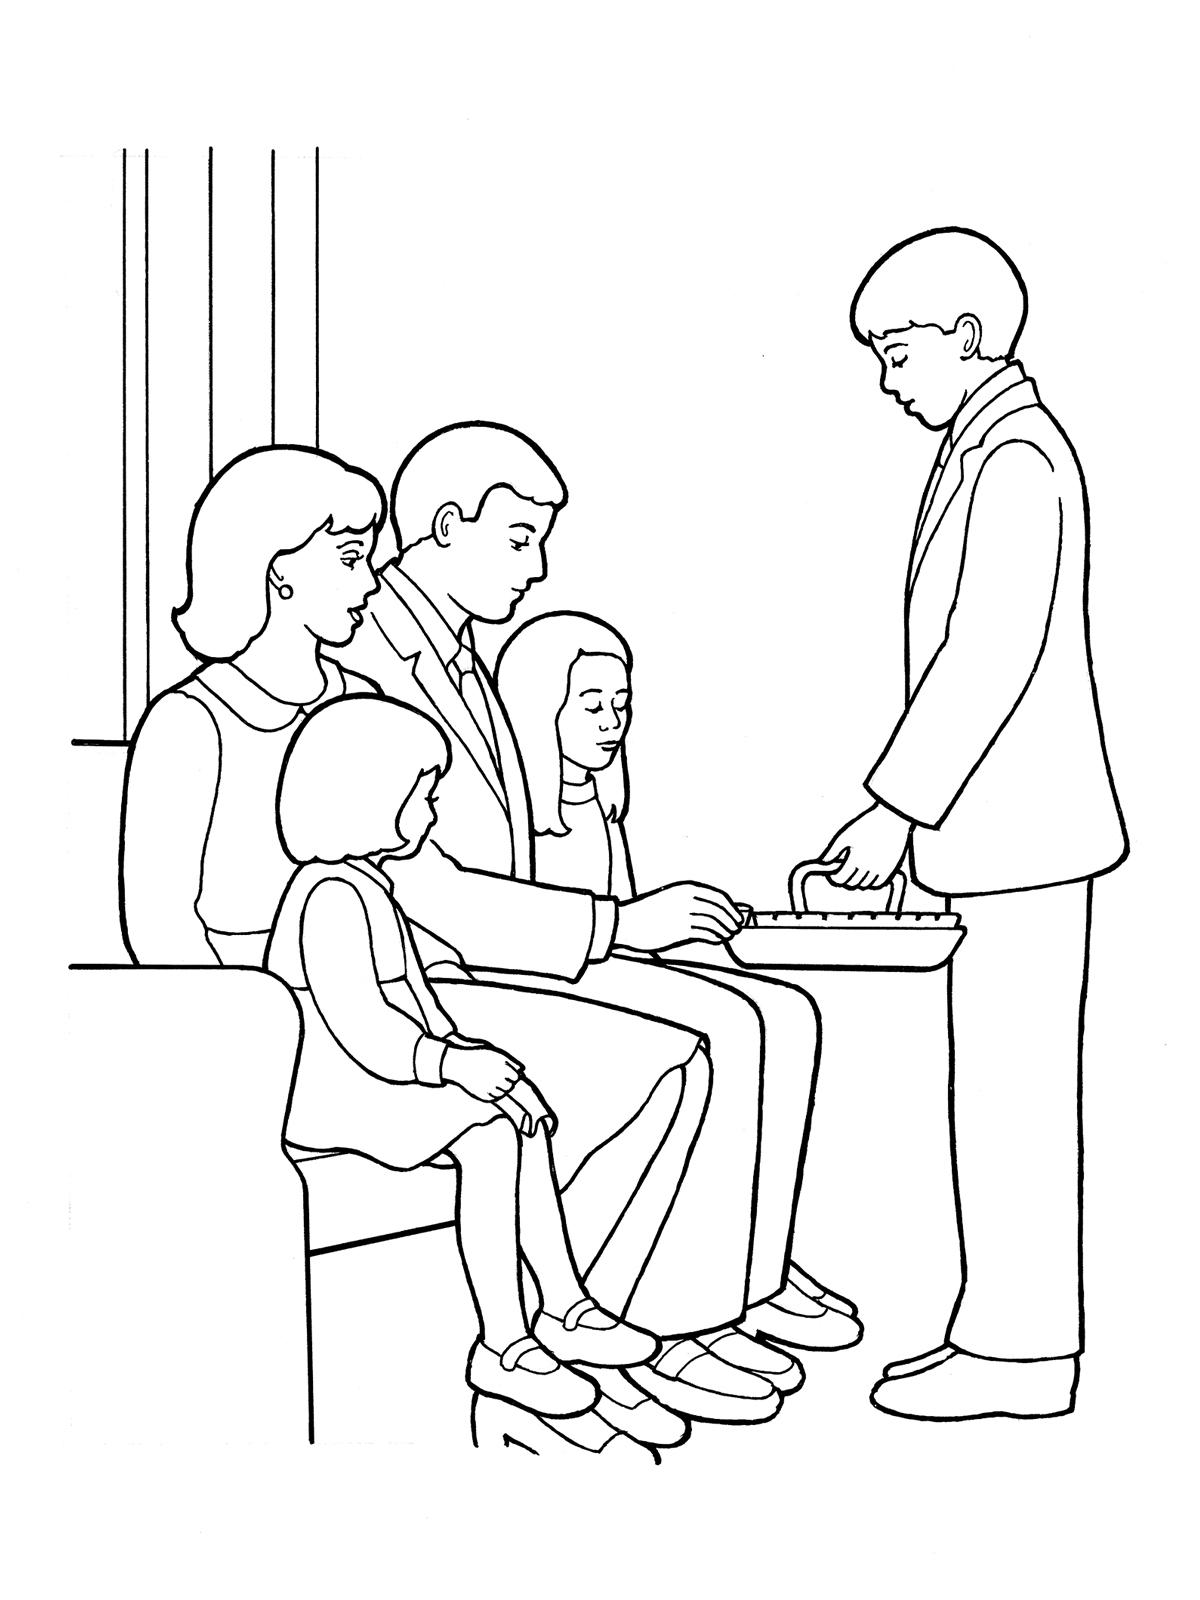 Lds clipart sacrament clip art freeuse Lds Clipart Sacrament & Free Clip Art Images #13211 - Clipartimage.com clip art freeuse